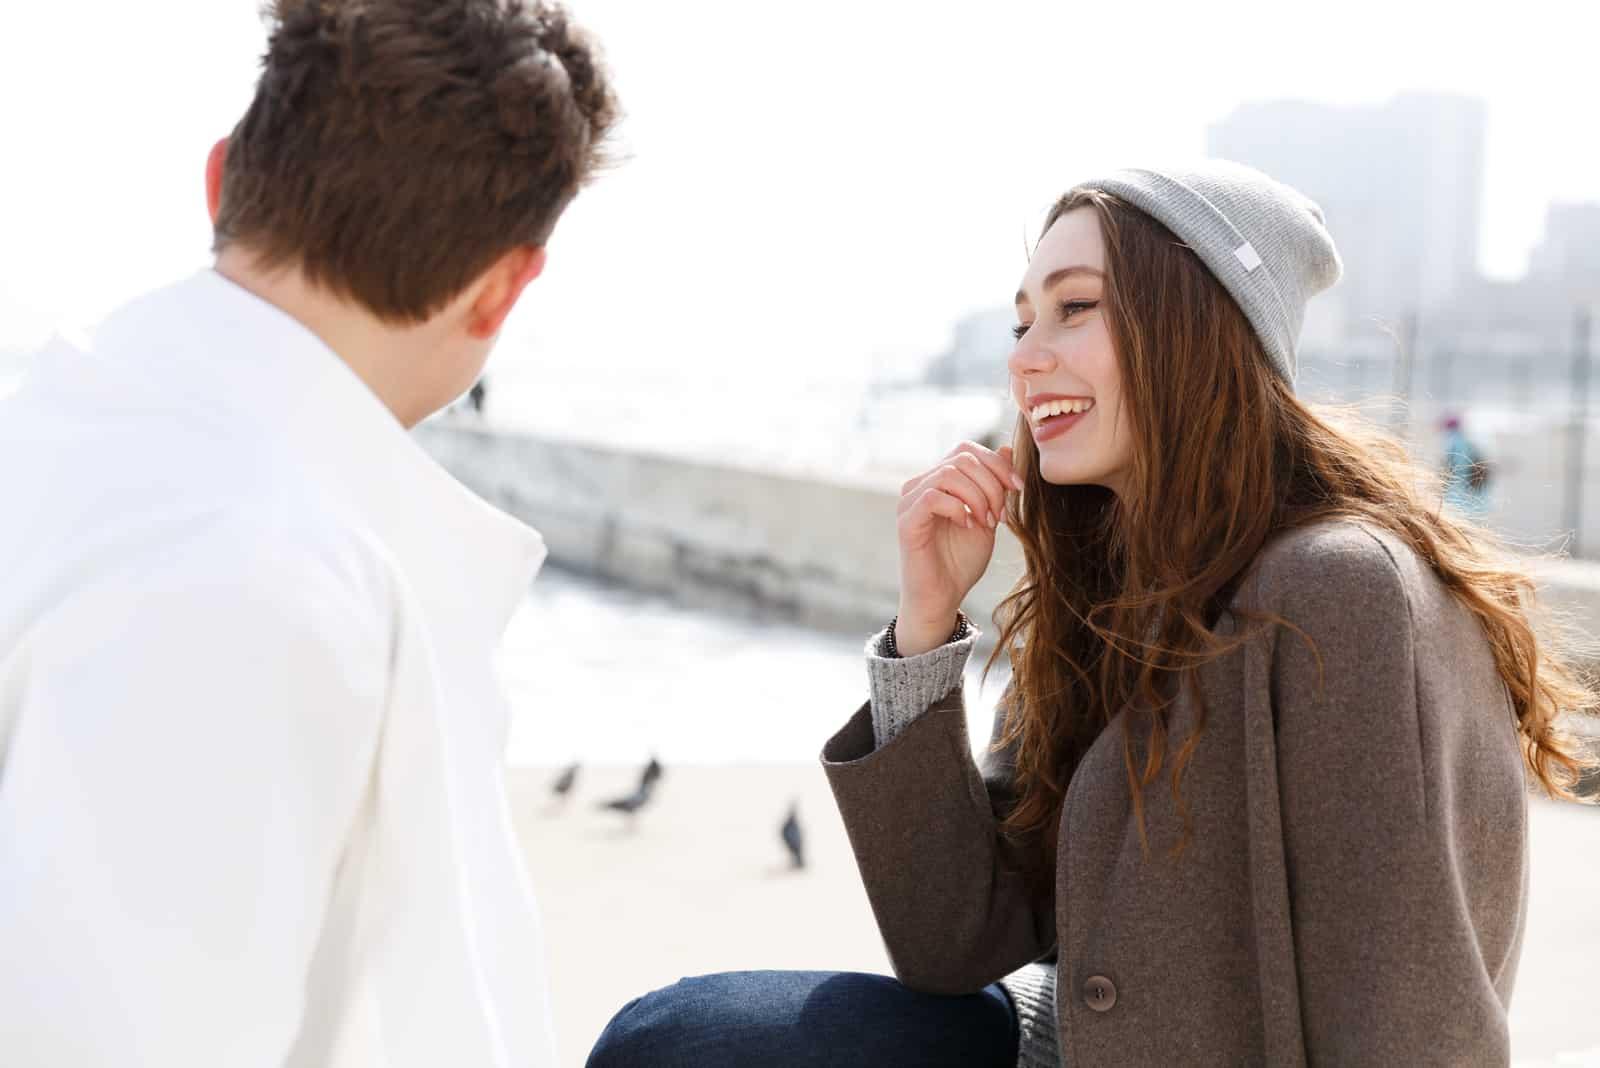 un homme et une femme s'assoient et parlent